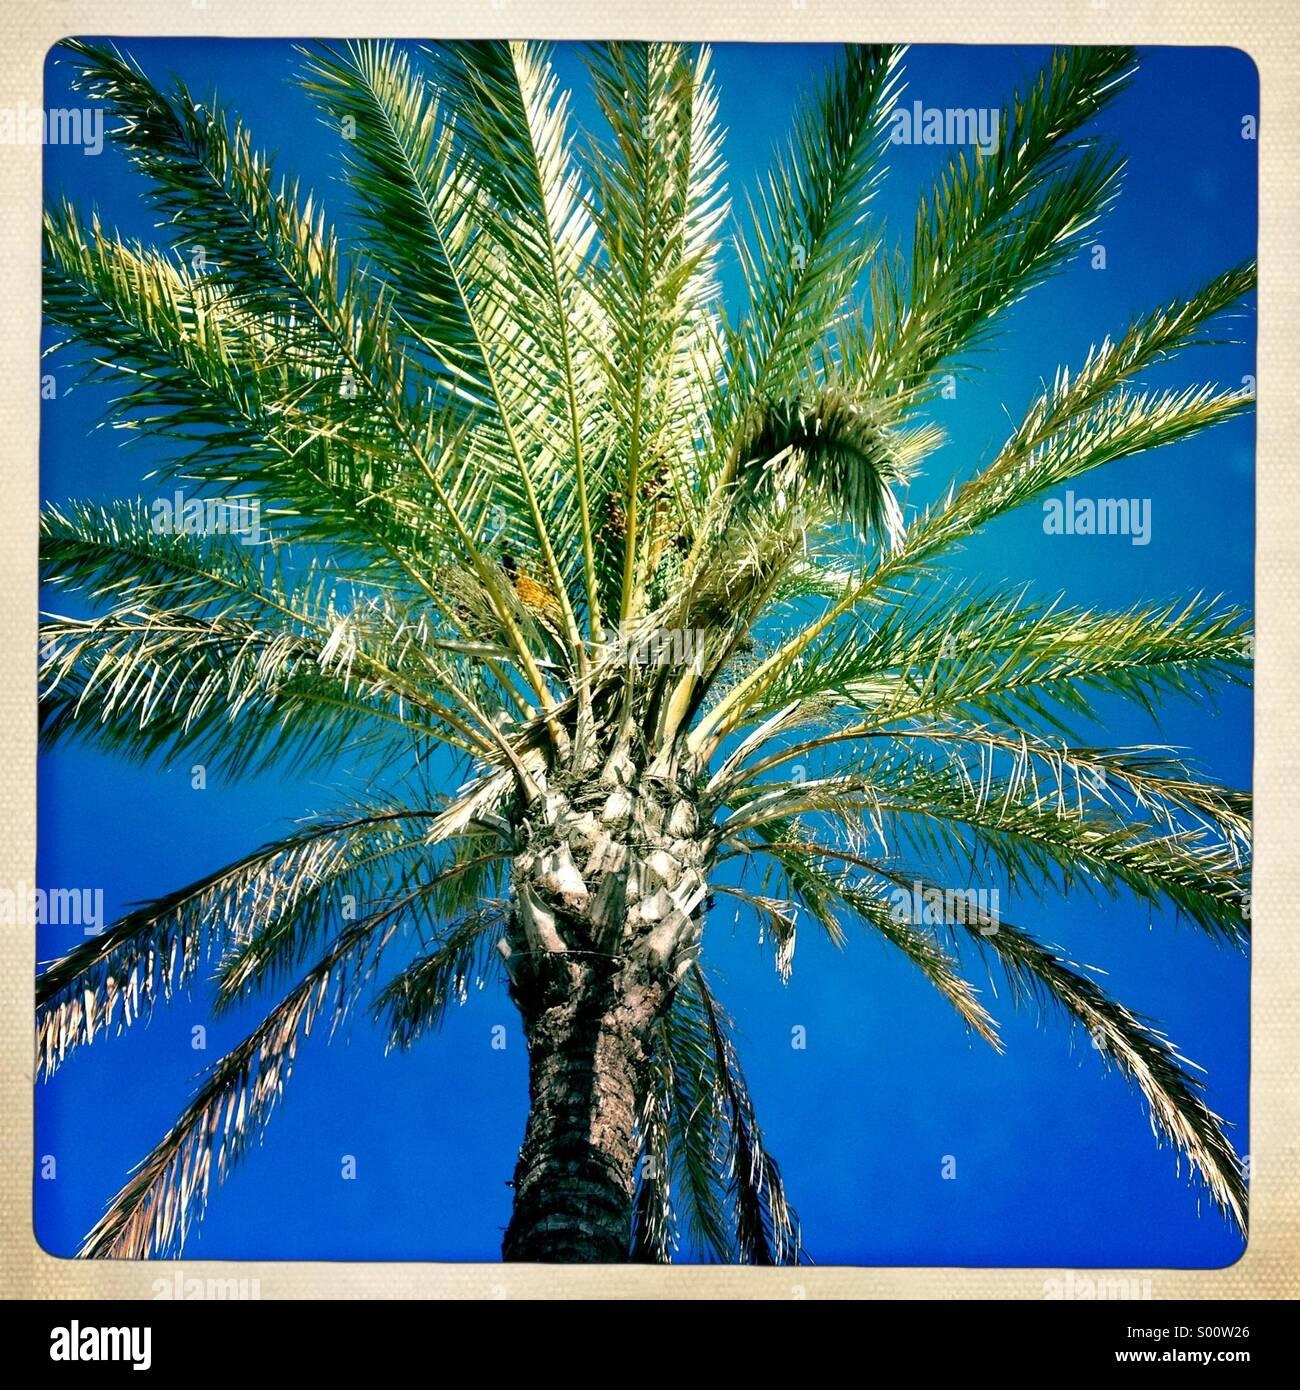 Palm tree - Stock Image